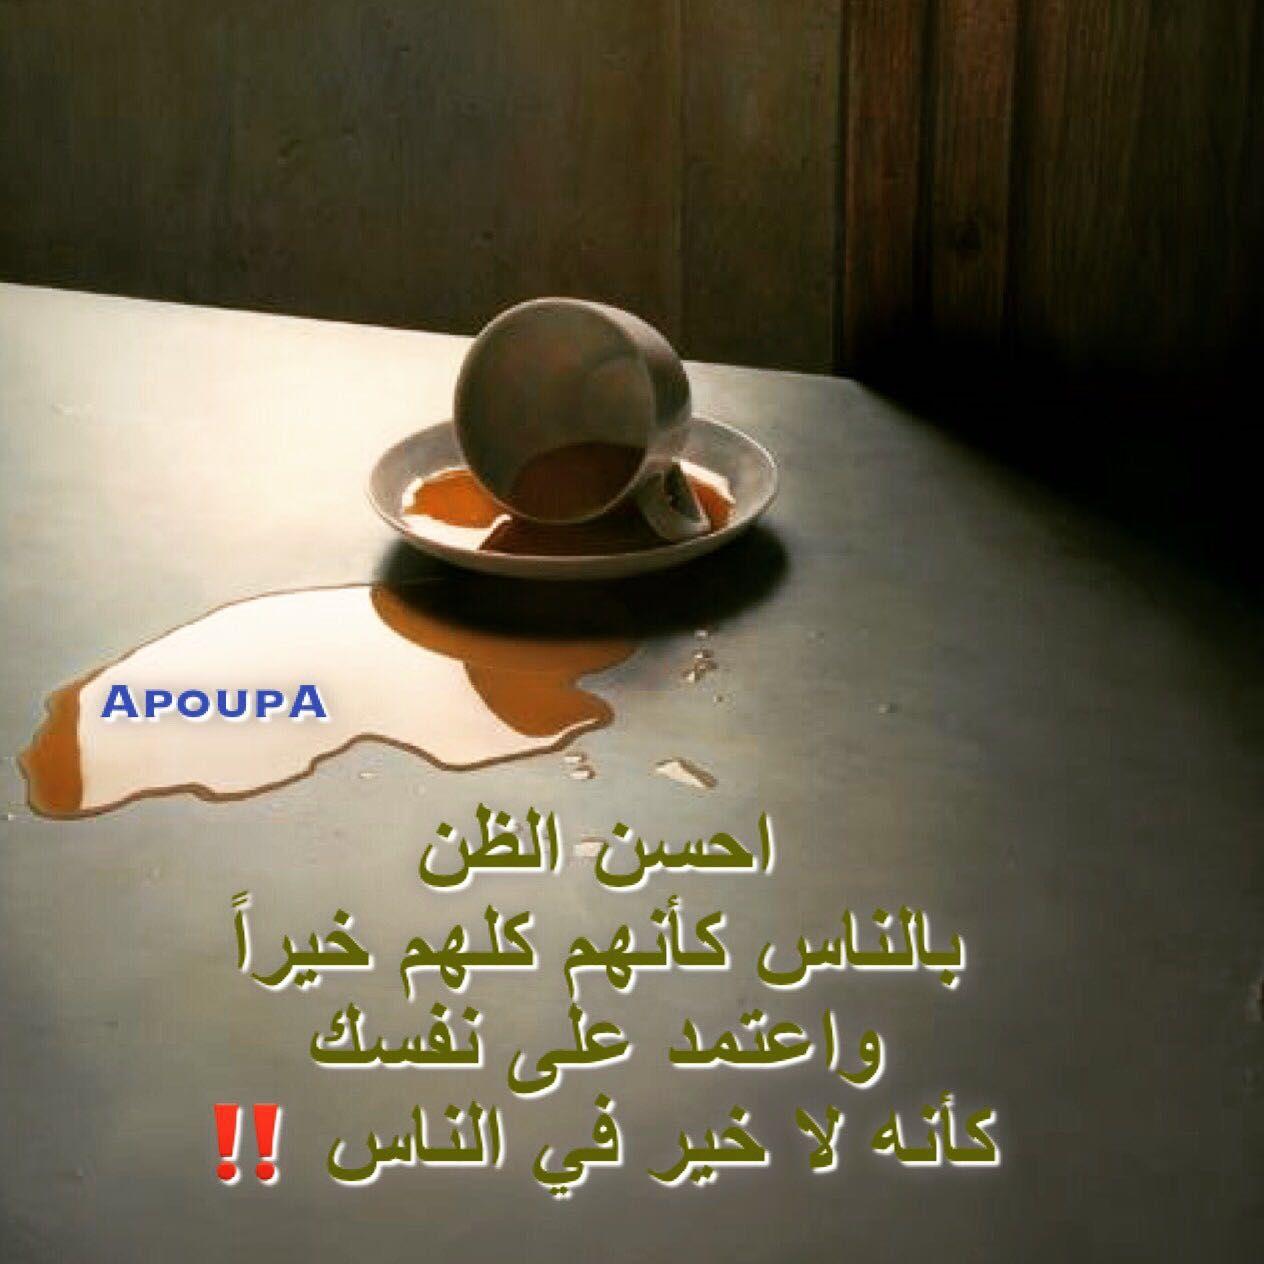 ايه والله اعتمدت على نفسك كانه لاخير في الناس Arabic Words Words Arabic Quotes